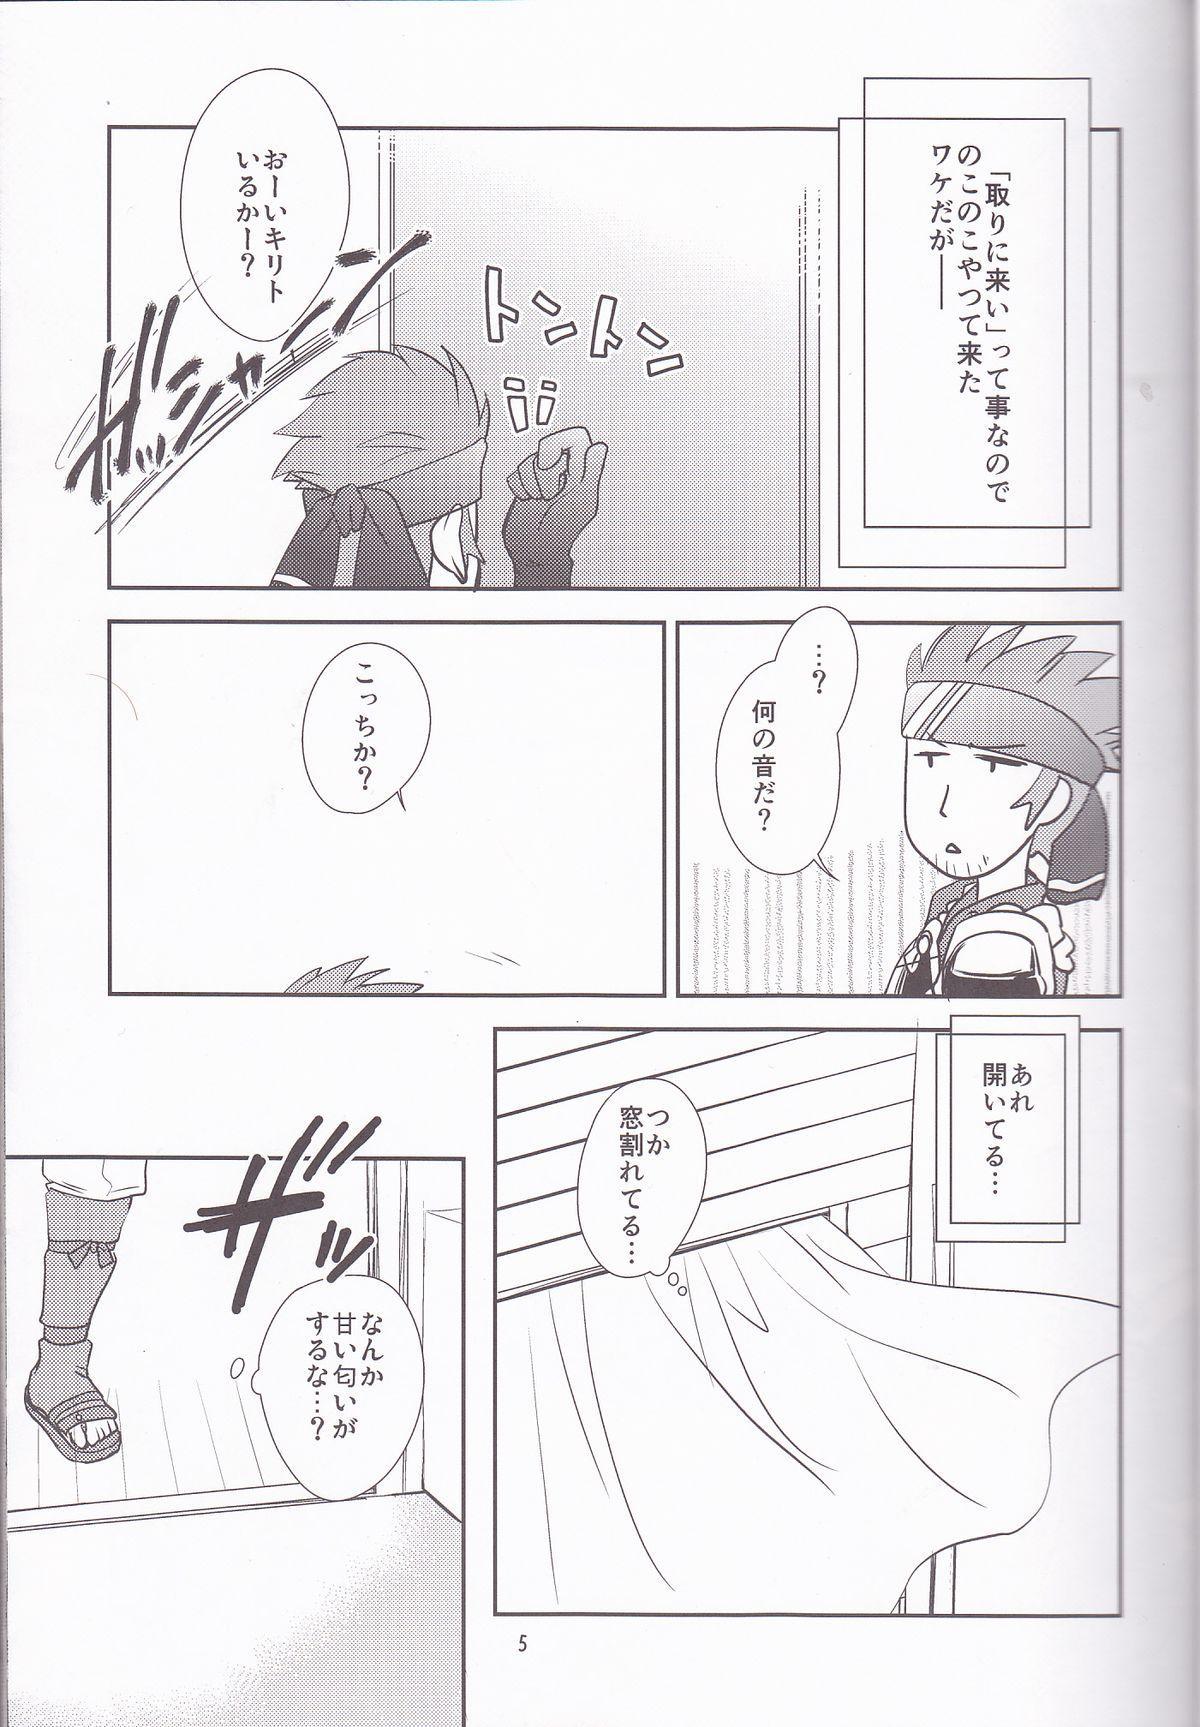 Kirito-kun no shiroku betatsuku nani ka 3 4